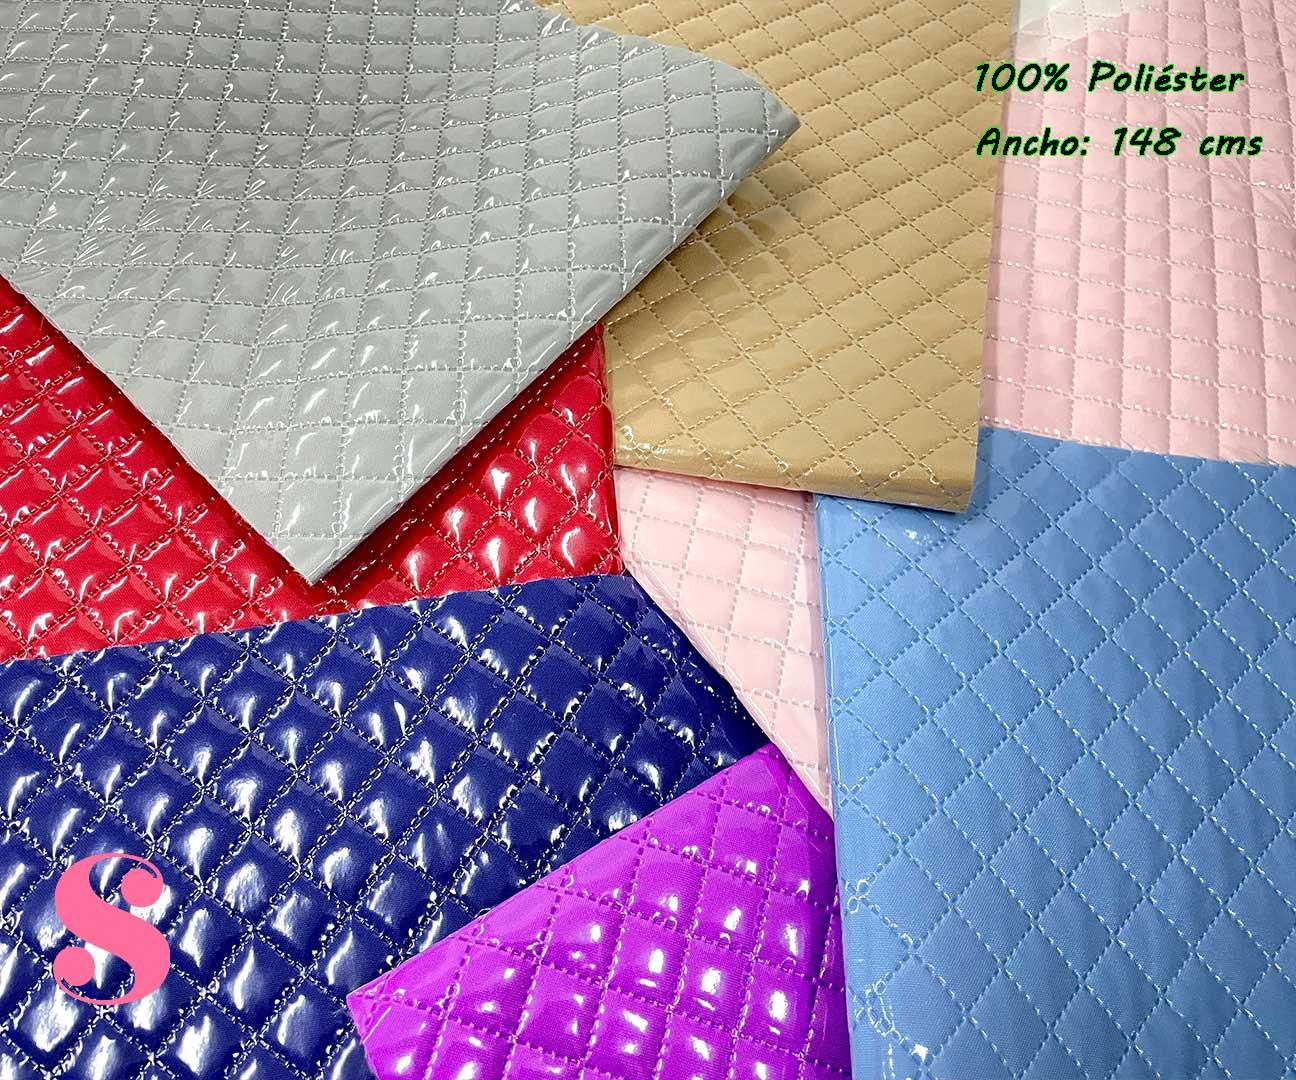 1-telas-plastificadas,tejidos-plastificados,tejidos-impermeables,telas-para-neceseres,telas-para-bolsos,Acolchado Plastificado Azul,Acolchado Plastificado Rojo,Acolchado Plastificado Morado